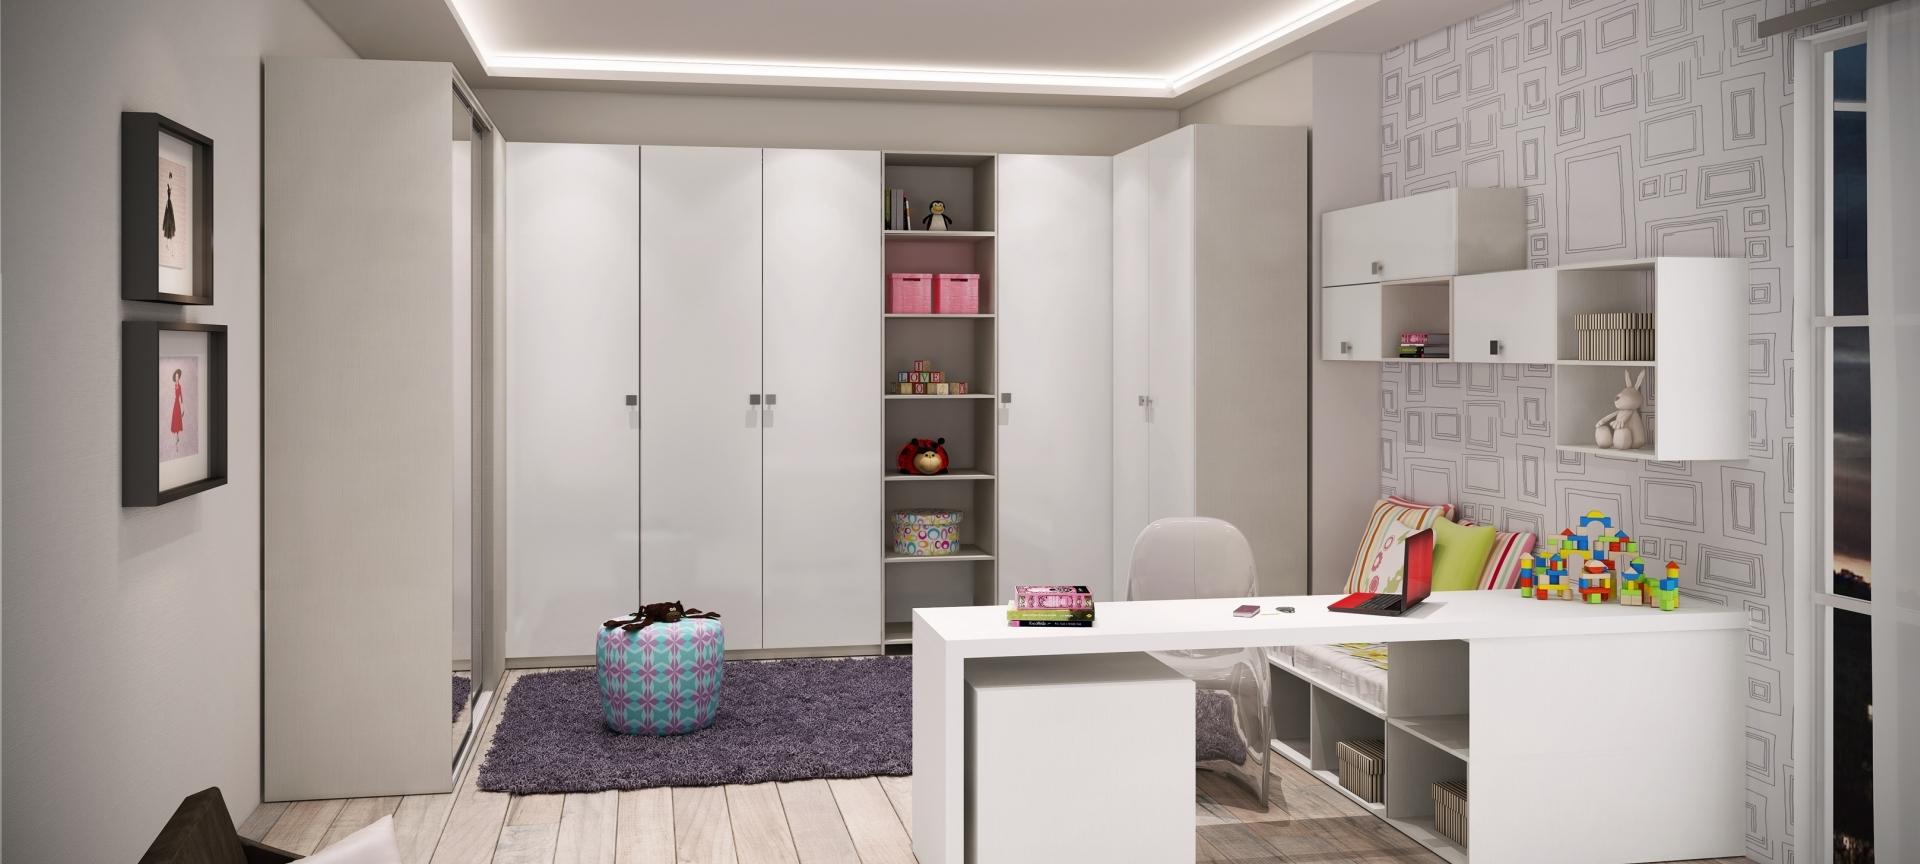 Quanto Custa Dormitório Planejado Infantil em Mogi das Cruzes - Dormitórios Planejados de Casal